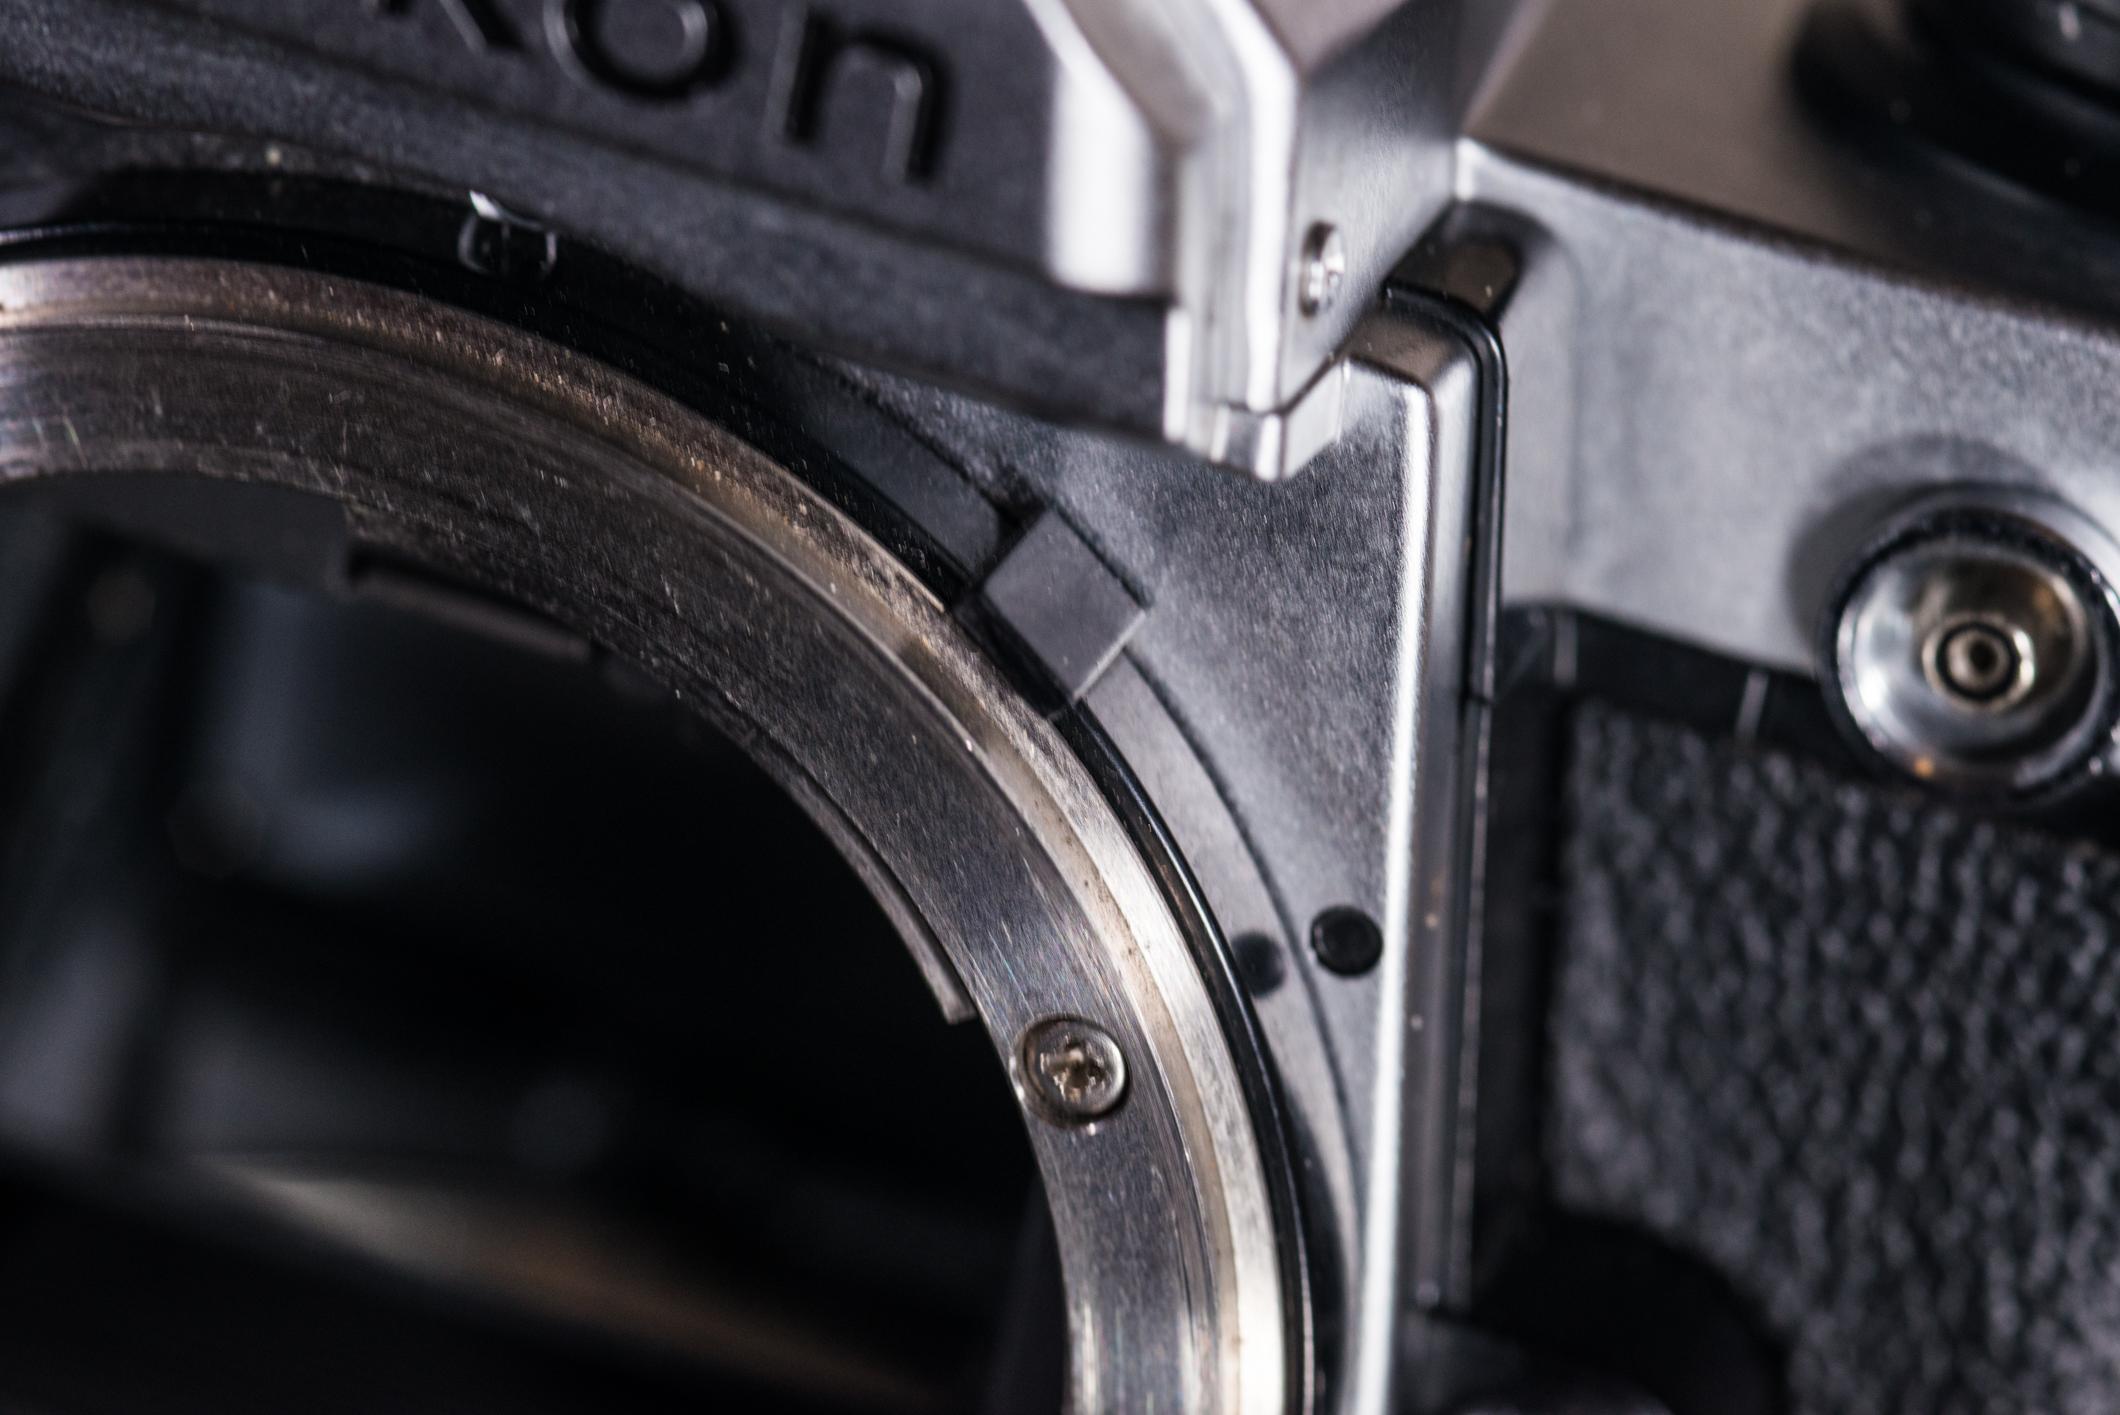 FM2's plastic aperture indexing ring.